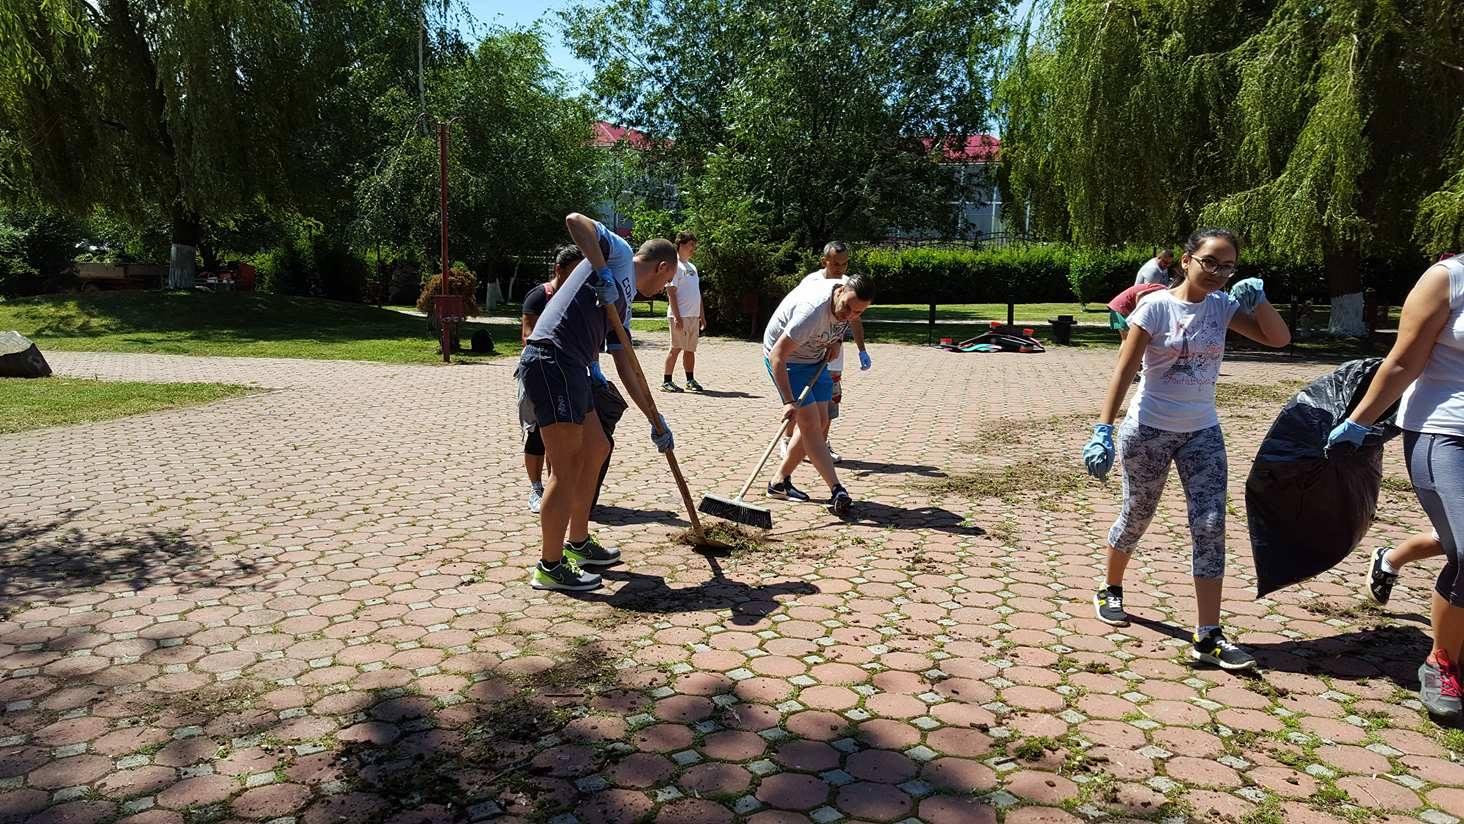 voluntariat-parcul-cu-soare (1)